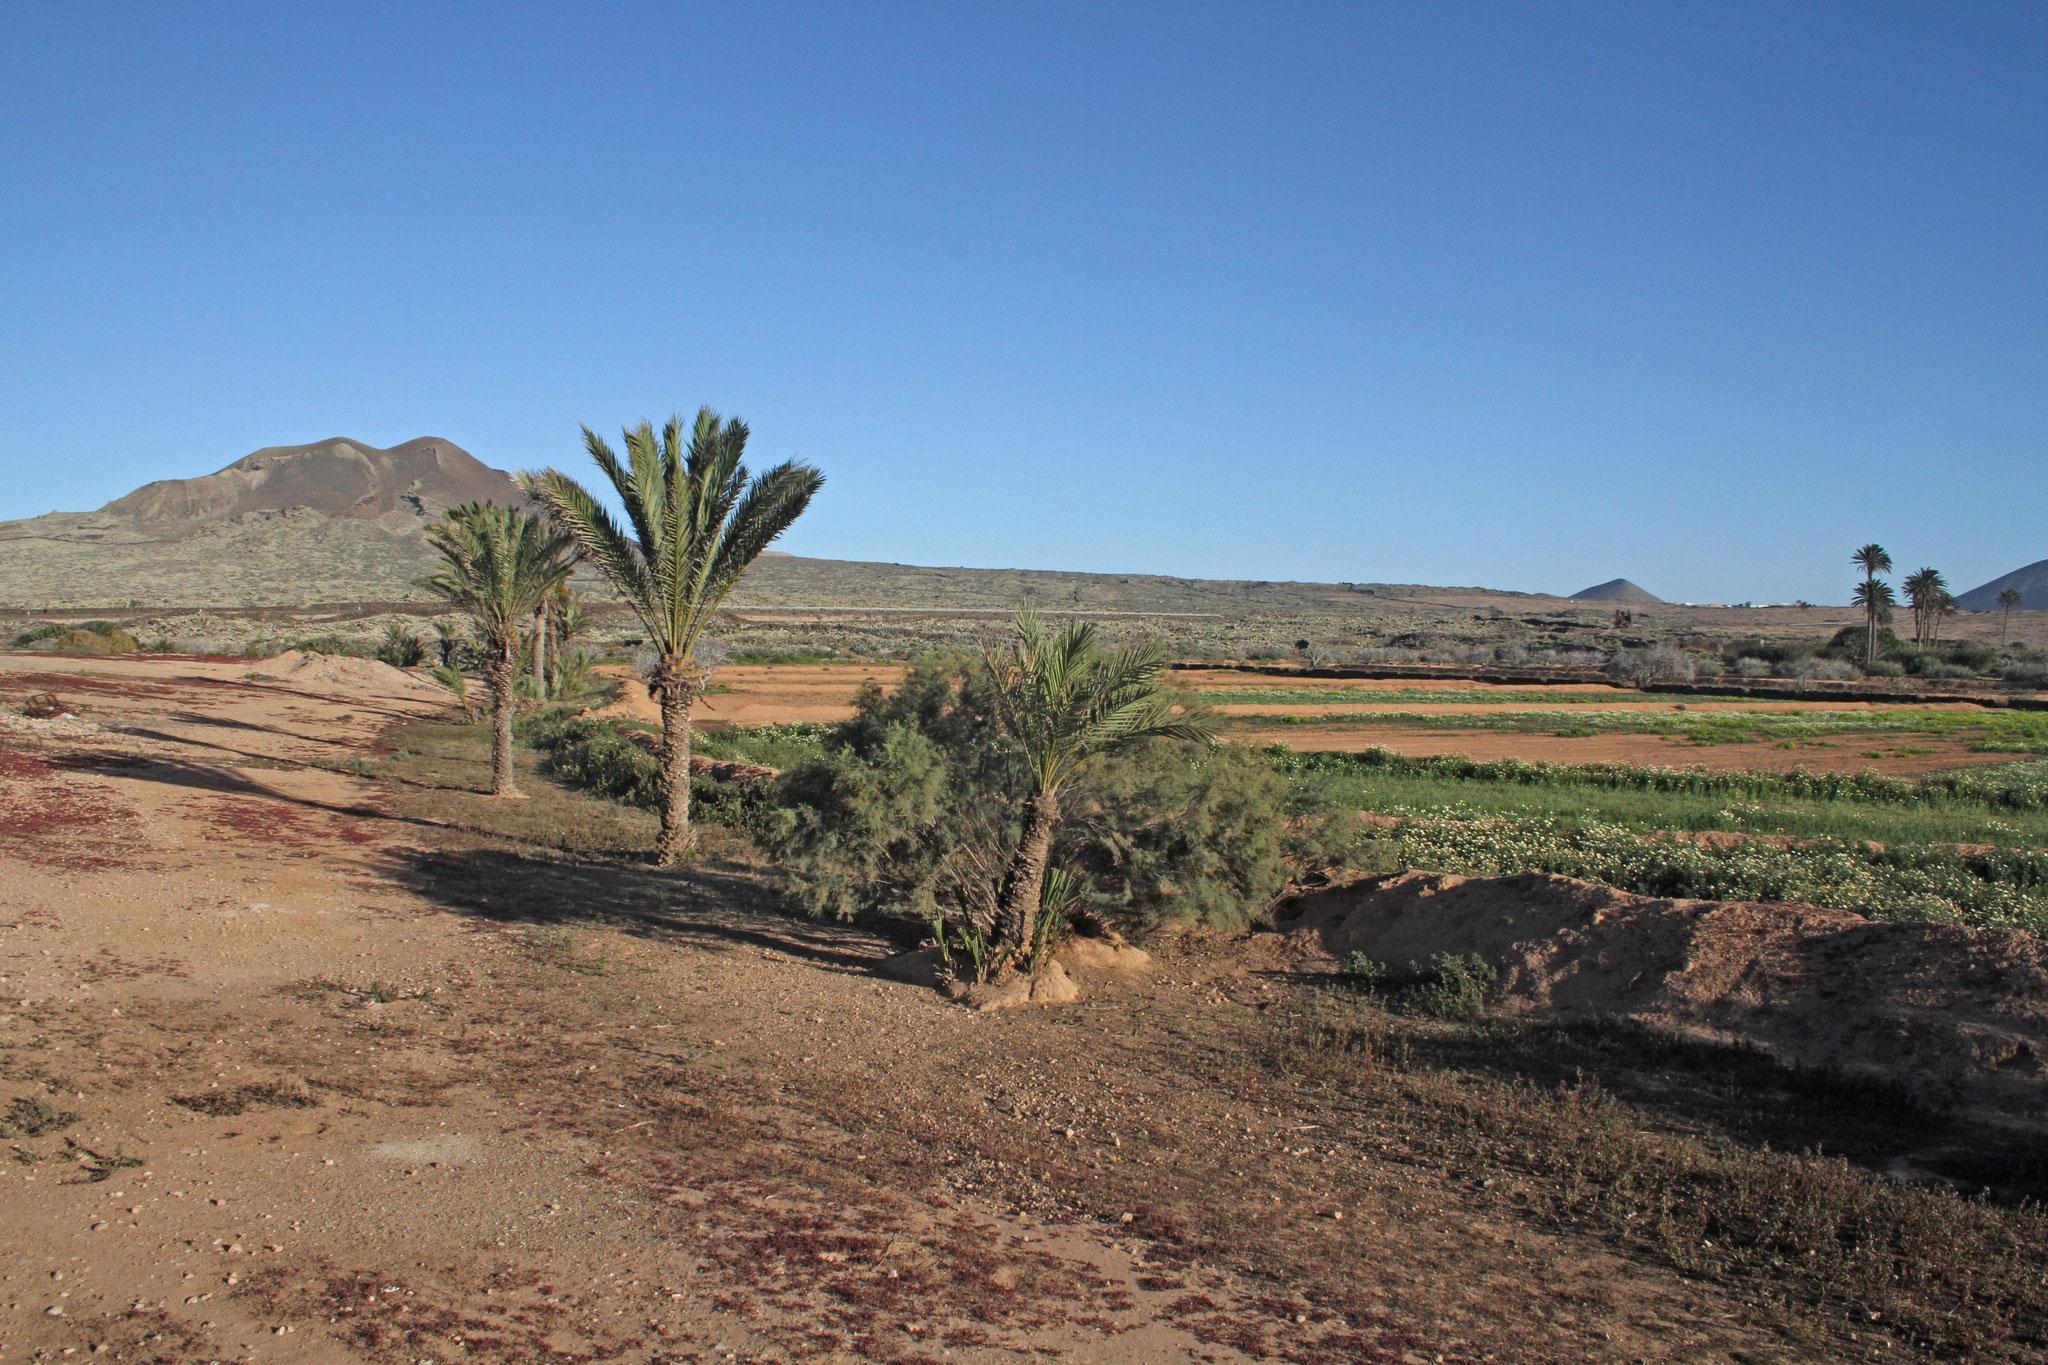 In La Oliva ist eines der wenigen künstlich bewässerten Gebiete, wo Agrarwirtschaft betrieben wird